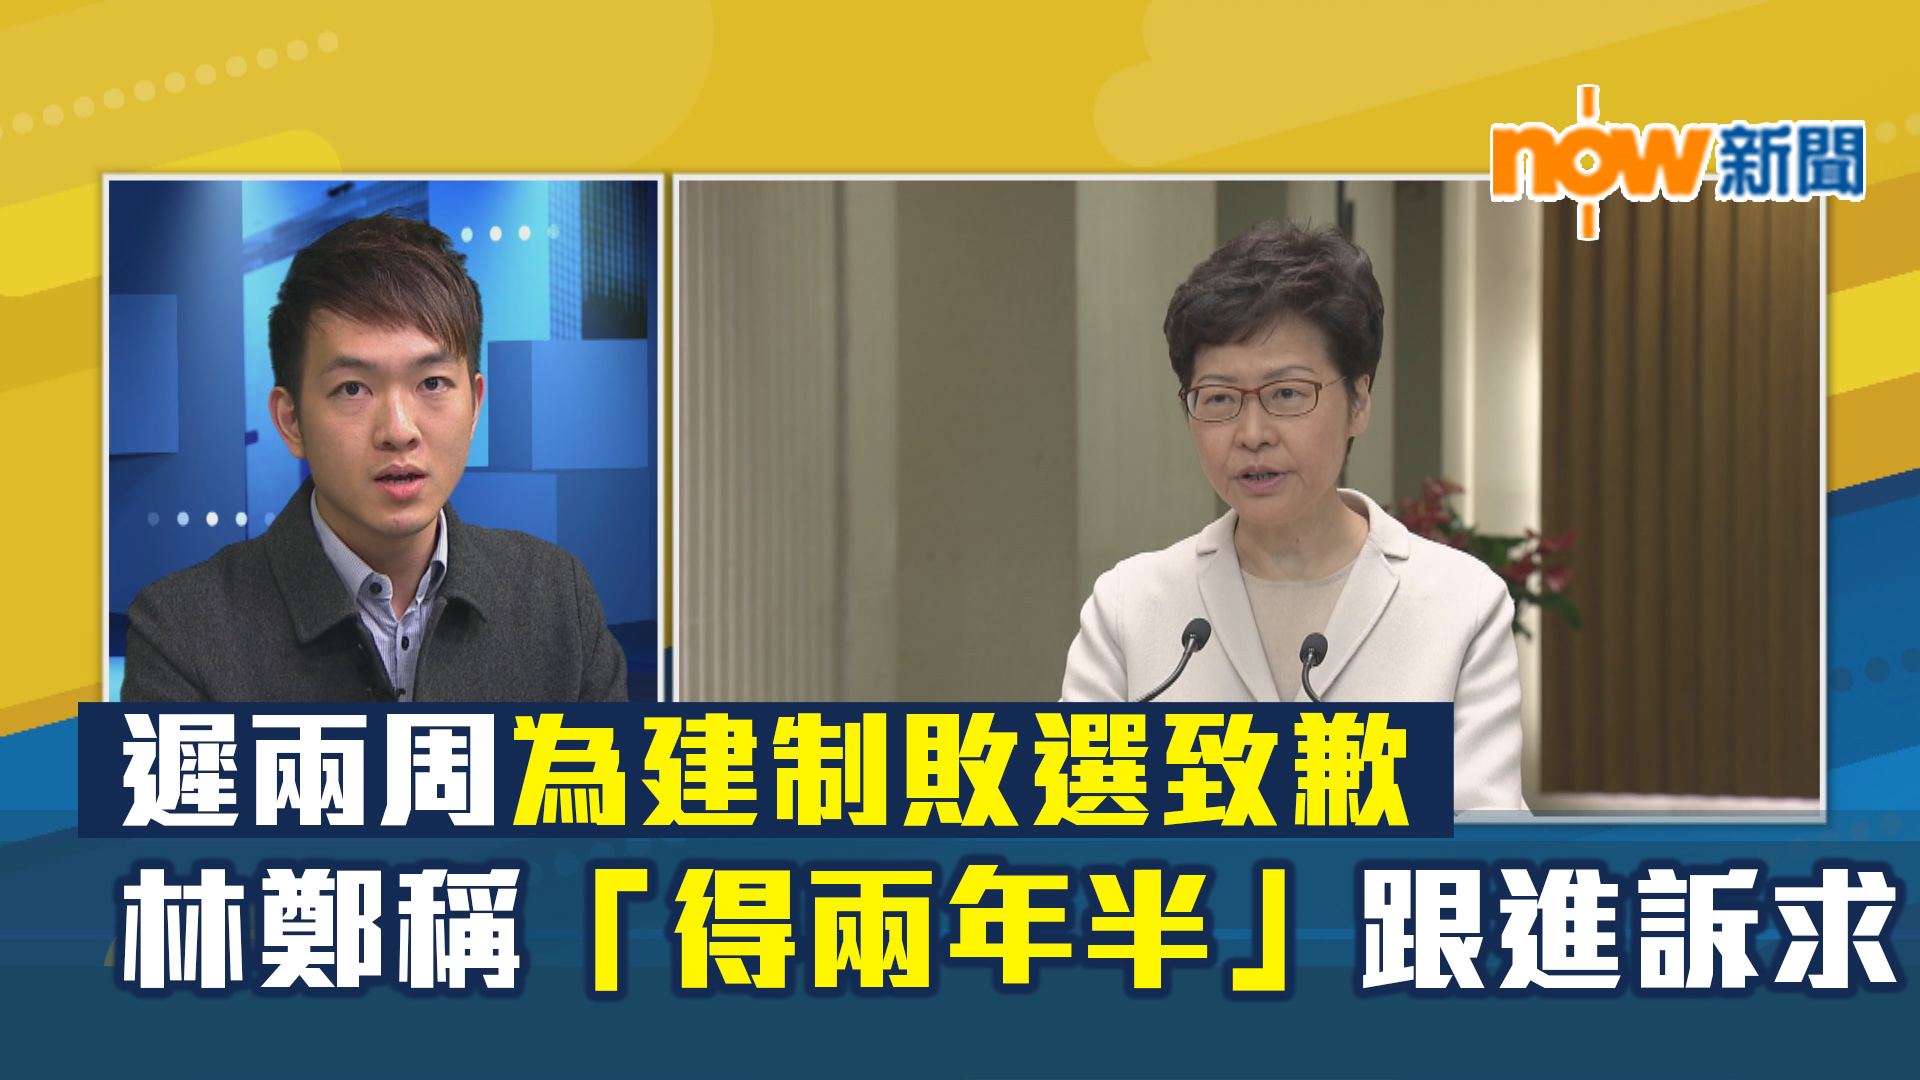 【政情】遲兩周為建制敗選致歉 林鄭稱「得兩年半」跟進訴求